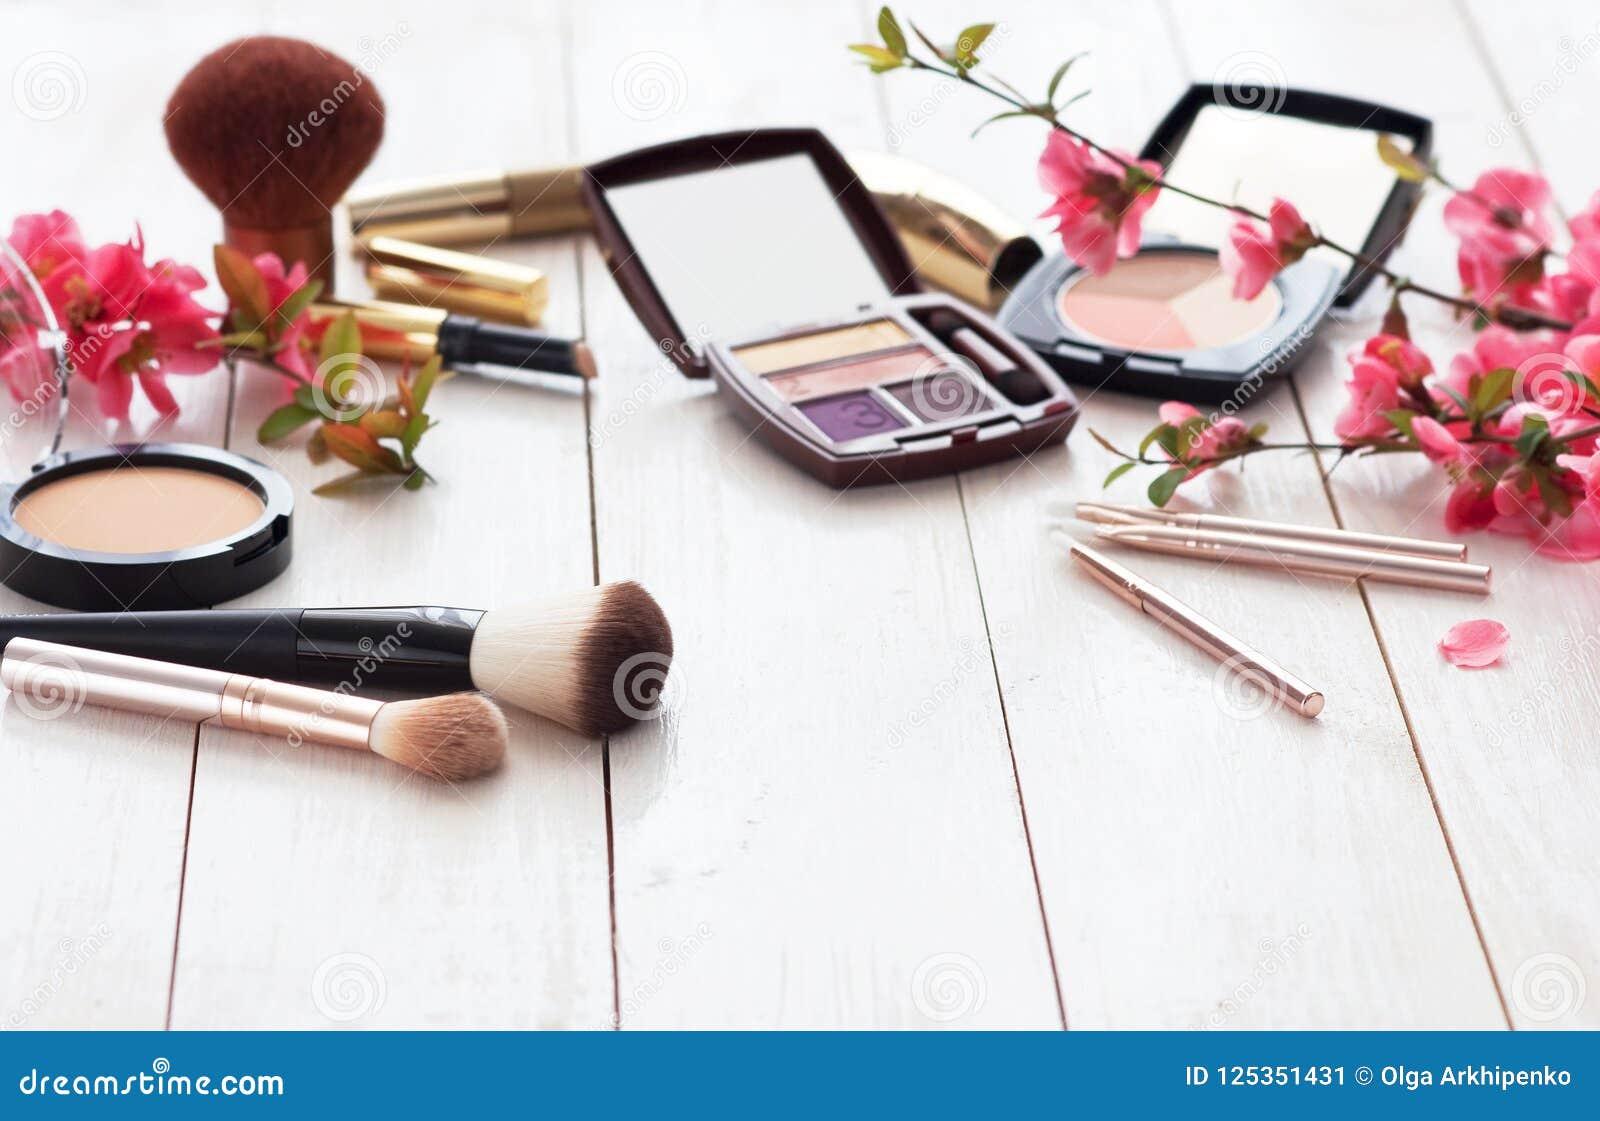 Olika kosmetiska produkter för smink med rosa blommor på en vit träbakgrund med kopieringsutrymme